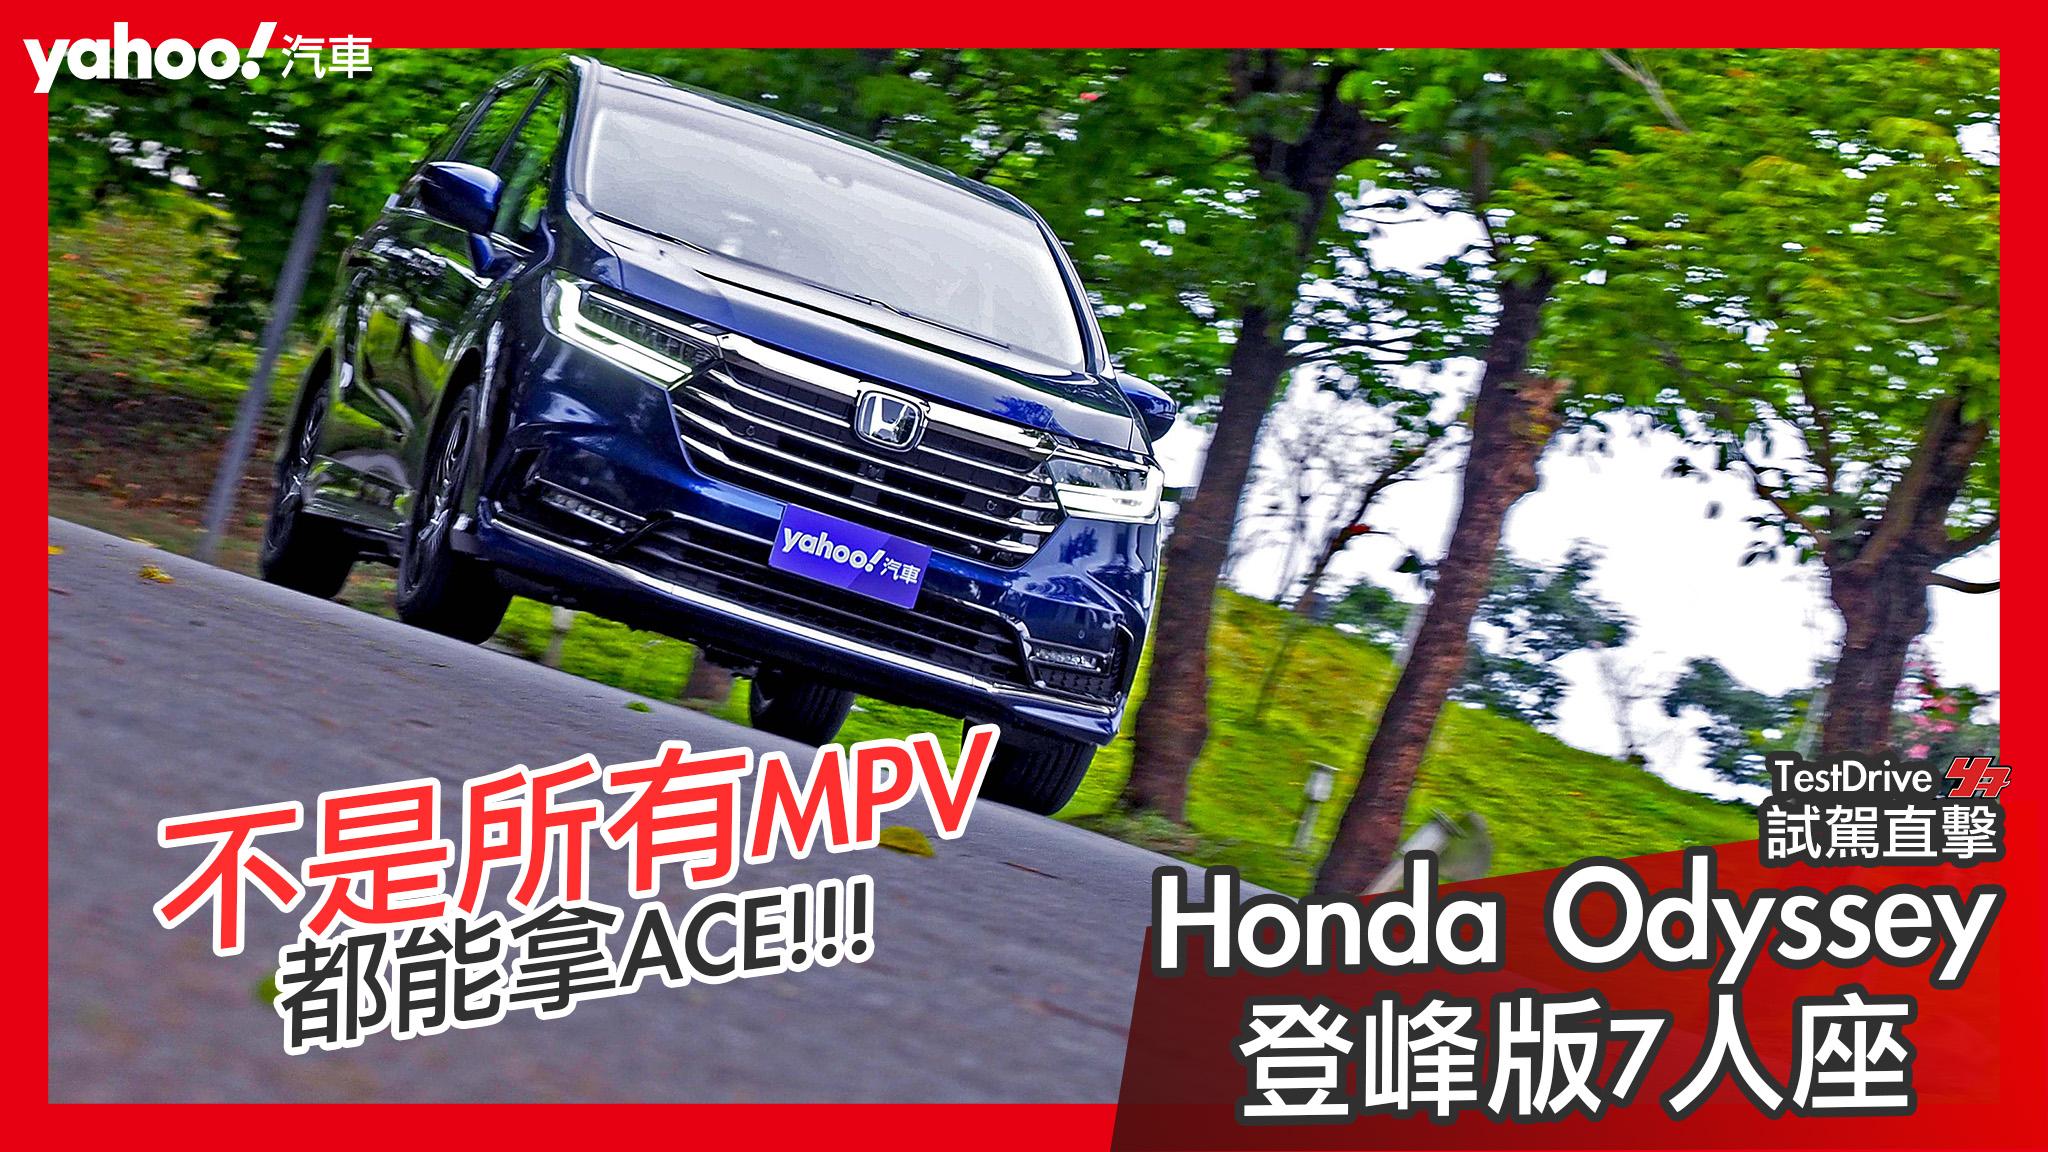 【試駕直擊】不是所有MPV都能拿Ace!2021 Honda Odyssey登峰版七人座小改款試駕